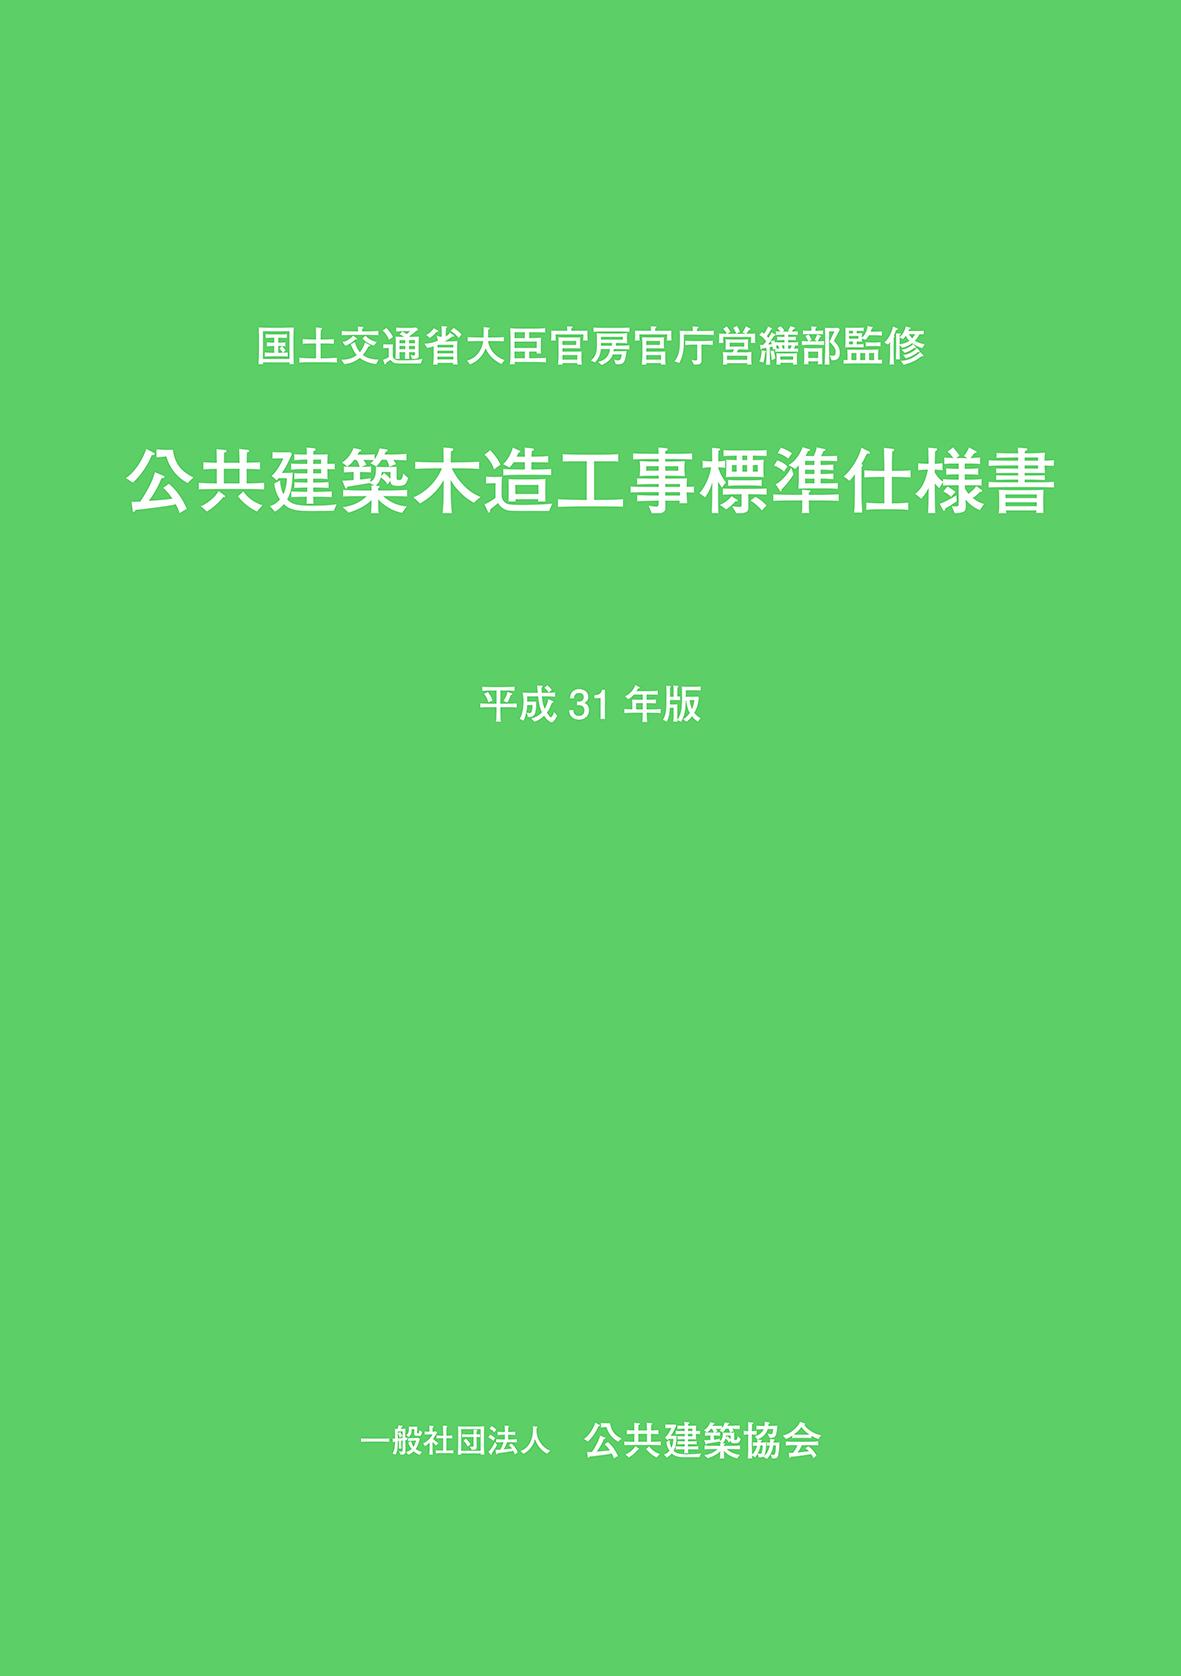 公共建築木造工事標準仕様書 平成31年版